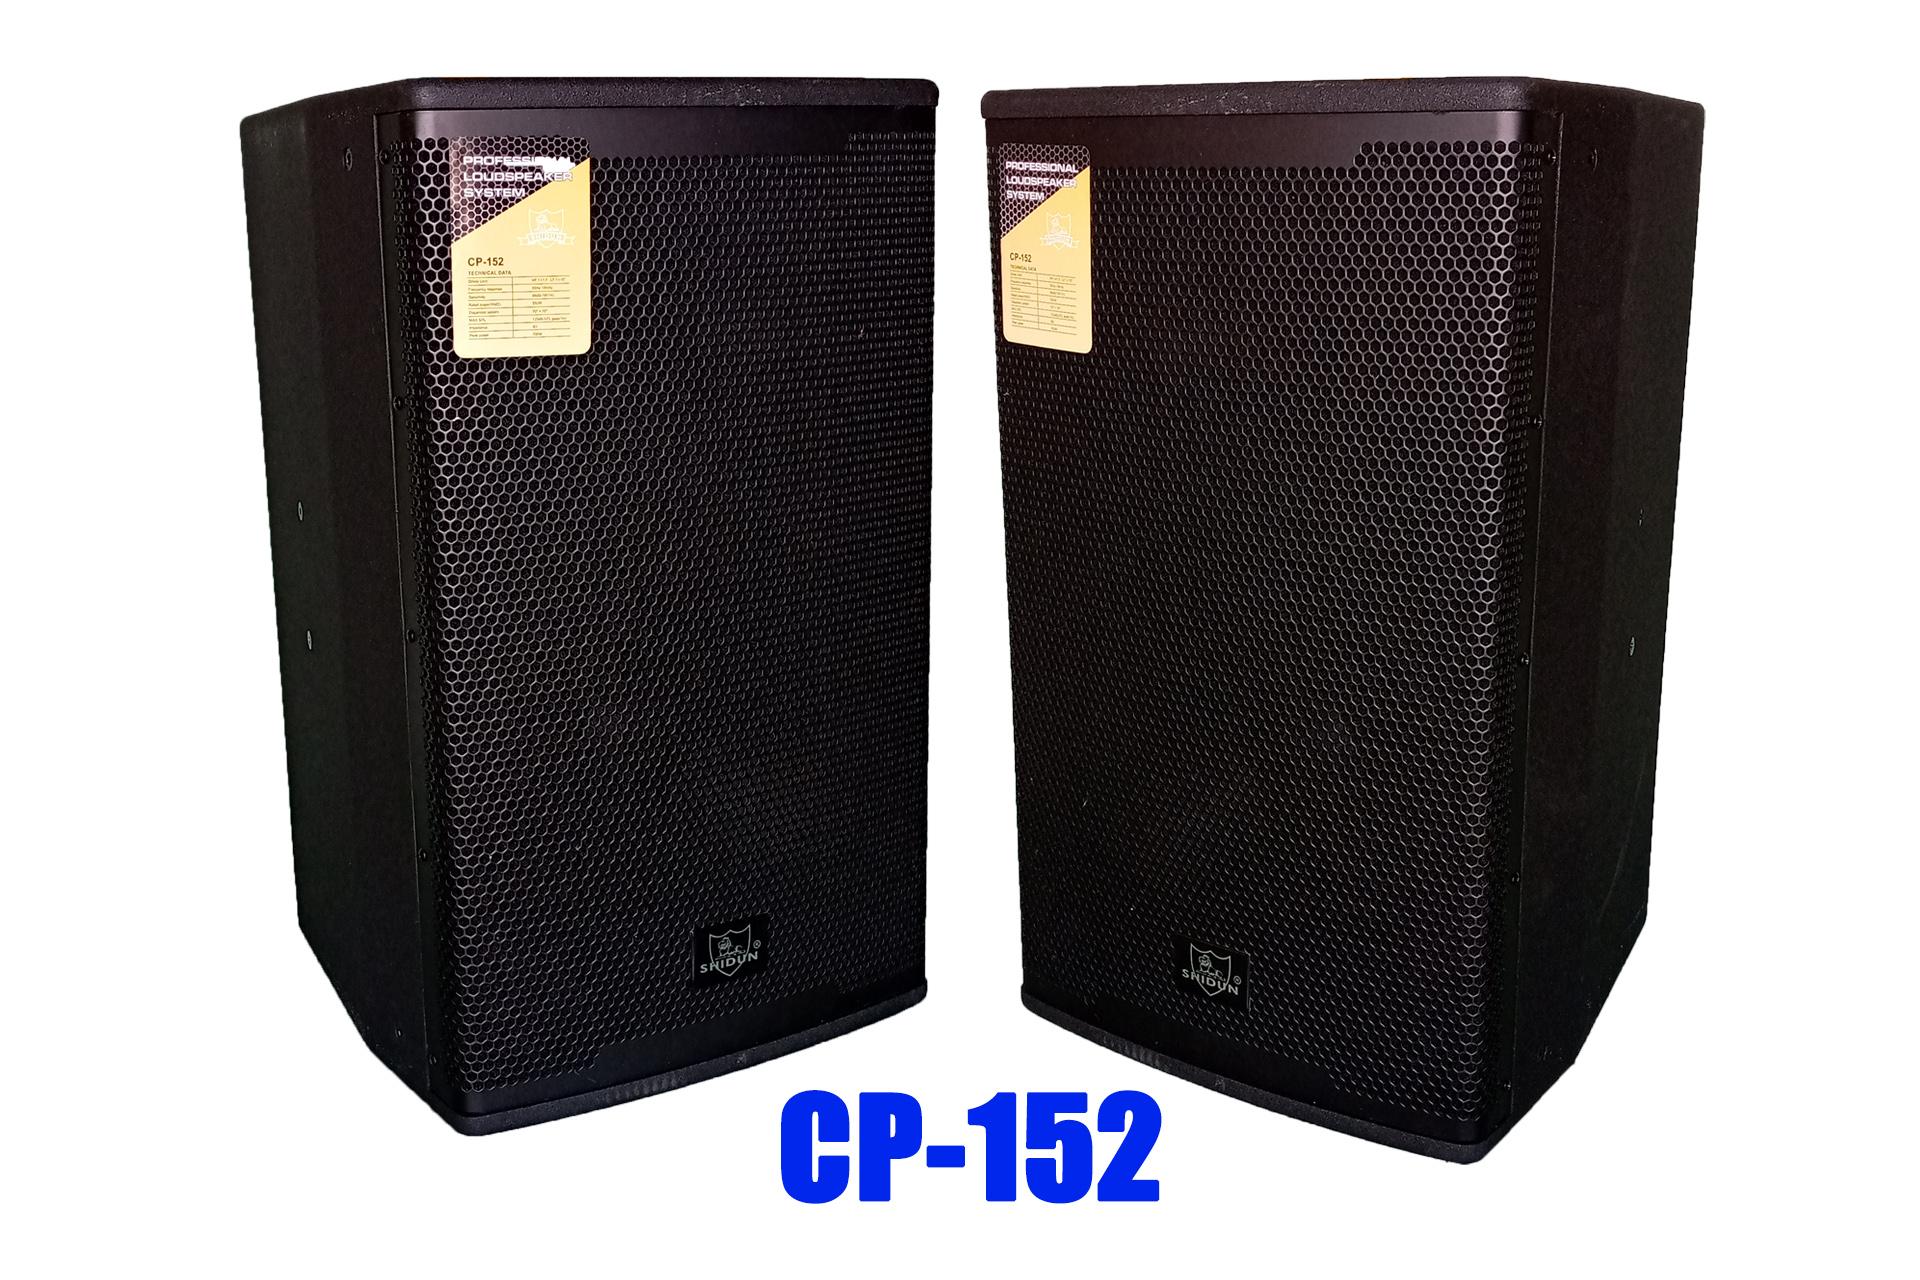 Loa SHIDUN 4 tấc nhập khẩu chính hãng China, loa karaoke gia đình SHIDUN giá rẻ CP-152